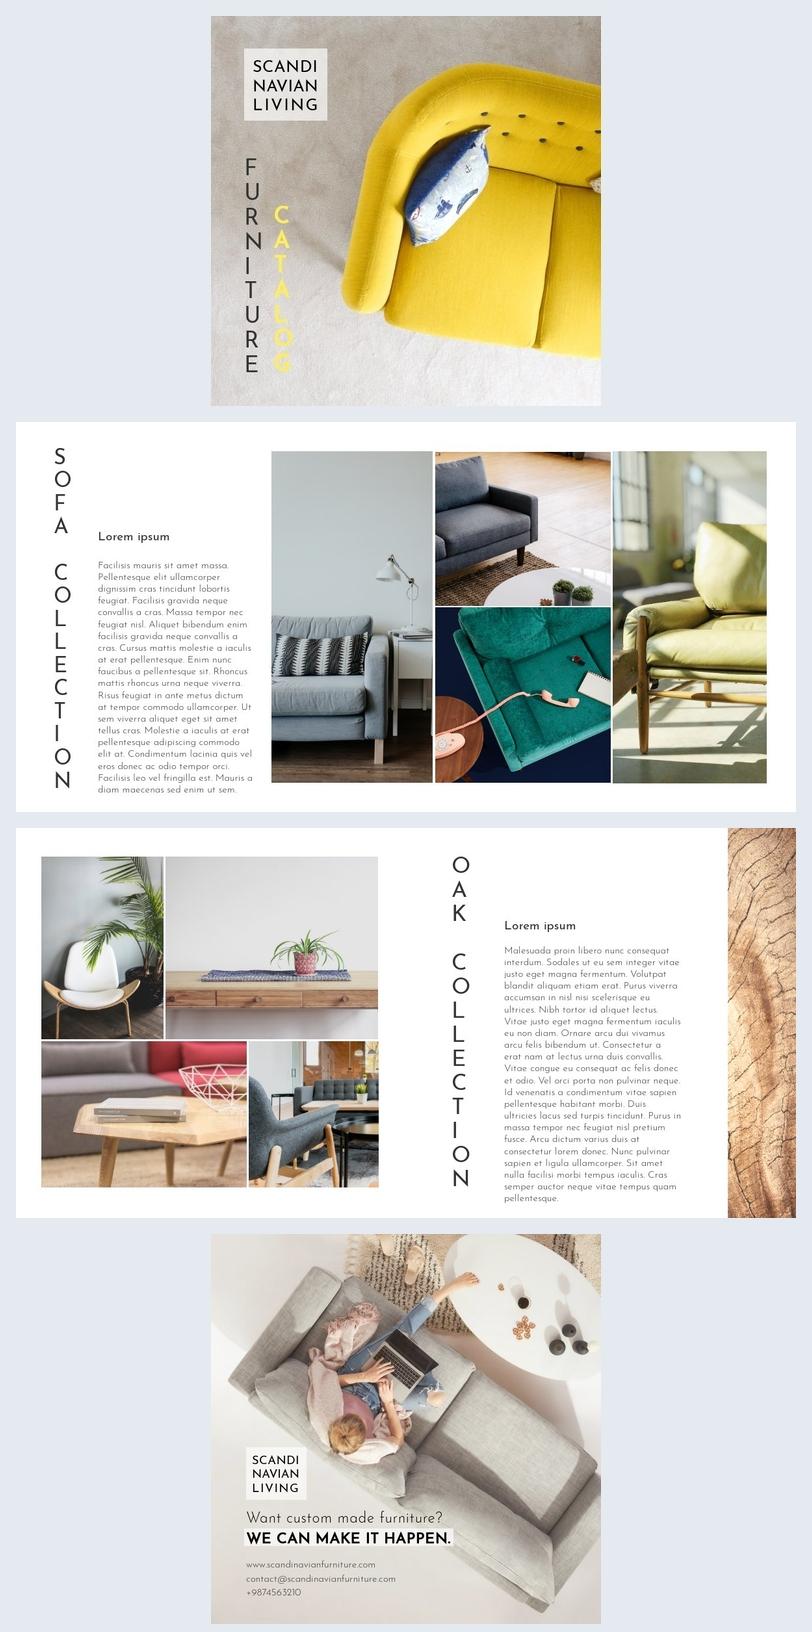 Modello elegante per catalogo di mobili